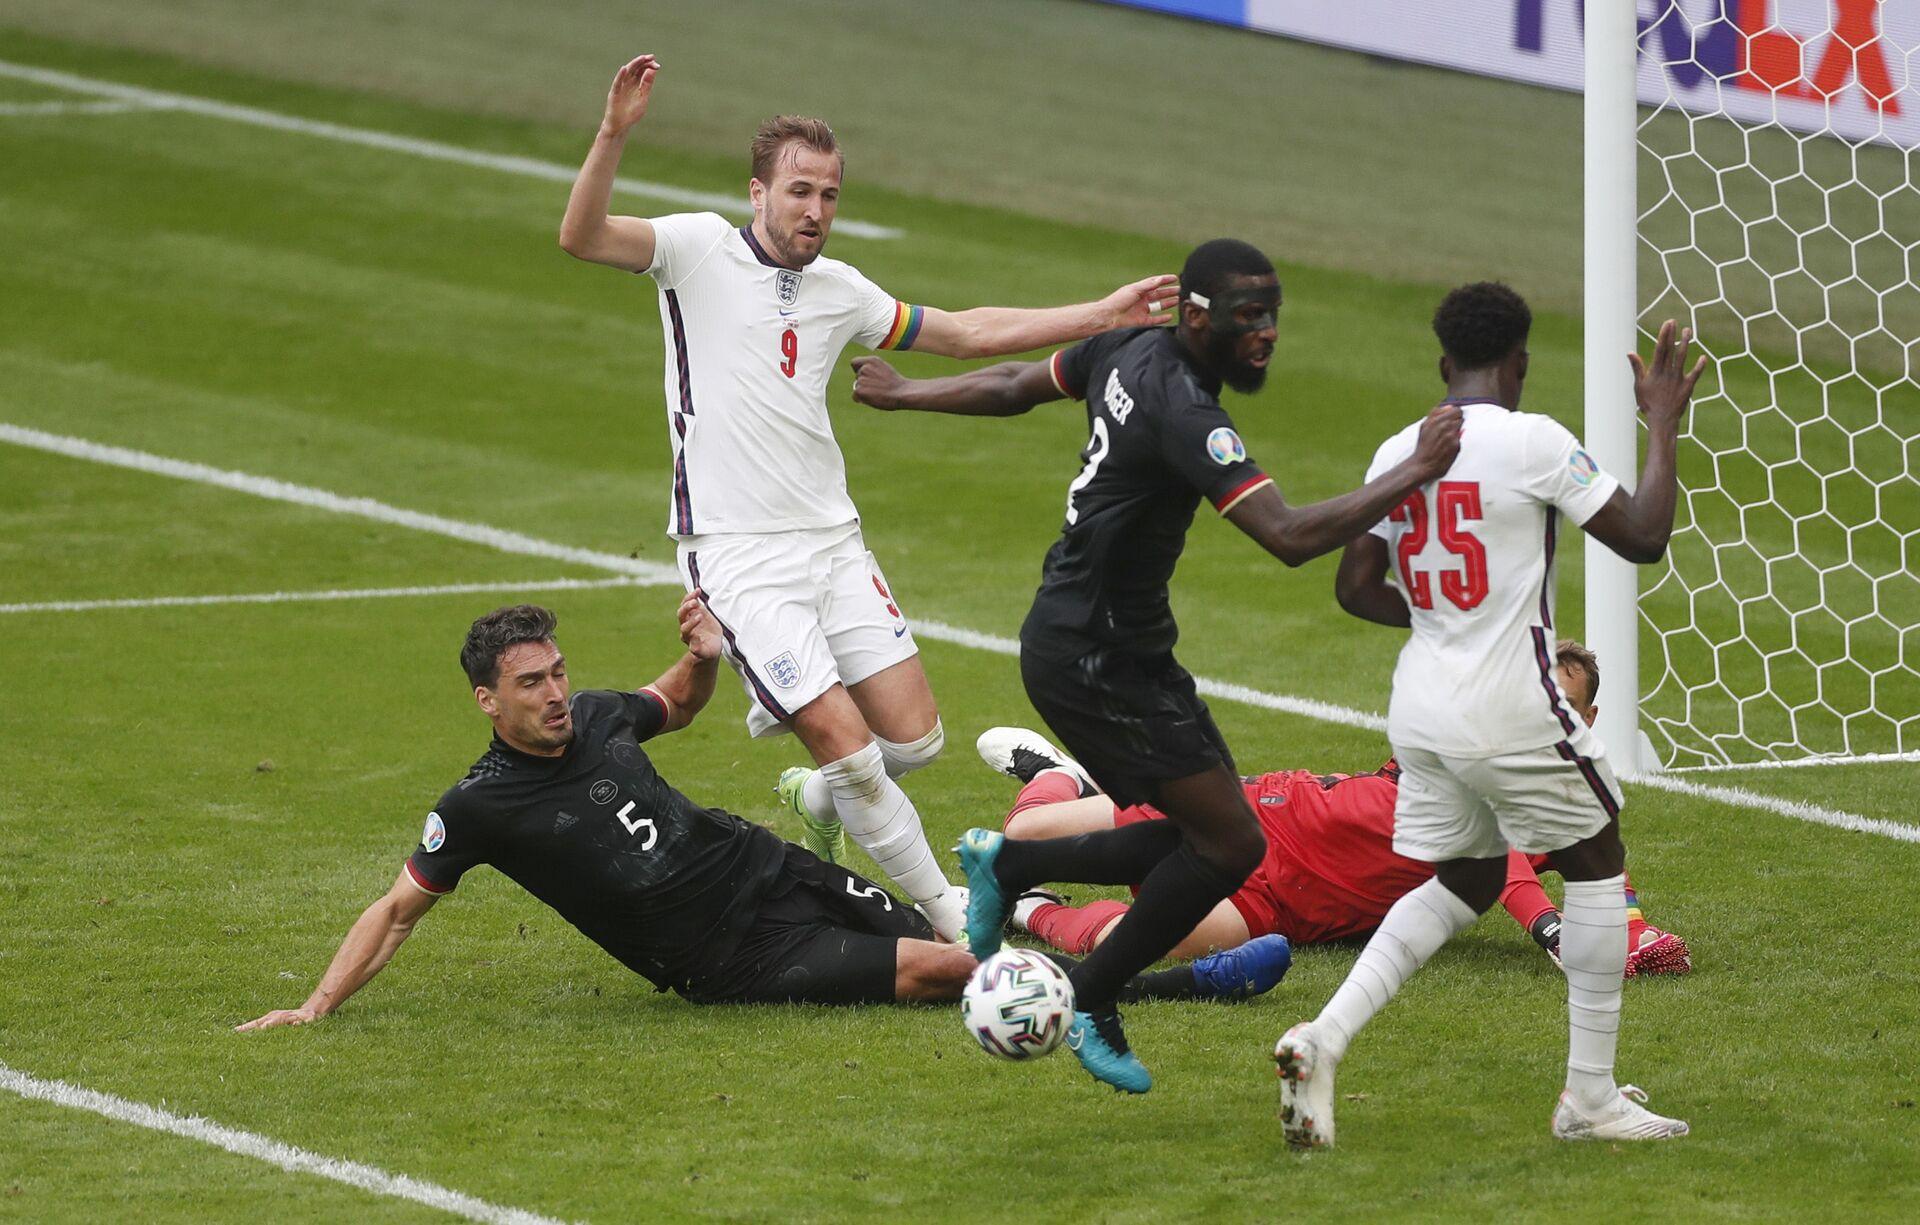 Toni Kroos sắp rời đội tuyển quốc gia Đức? - Sputnik Việt Nam, 1920, 01.07.2021